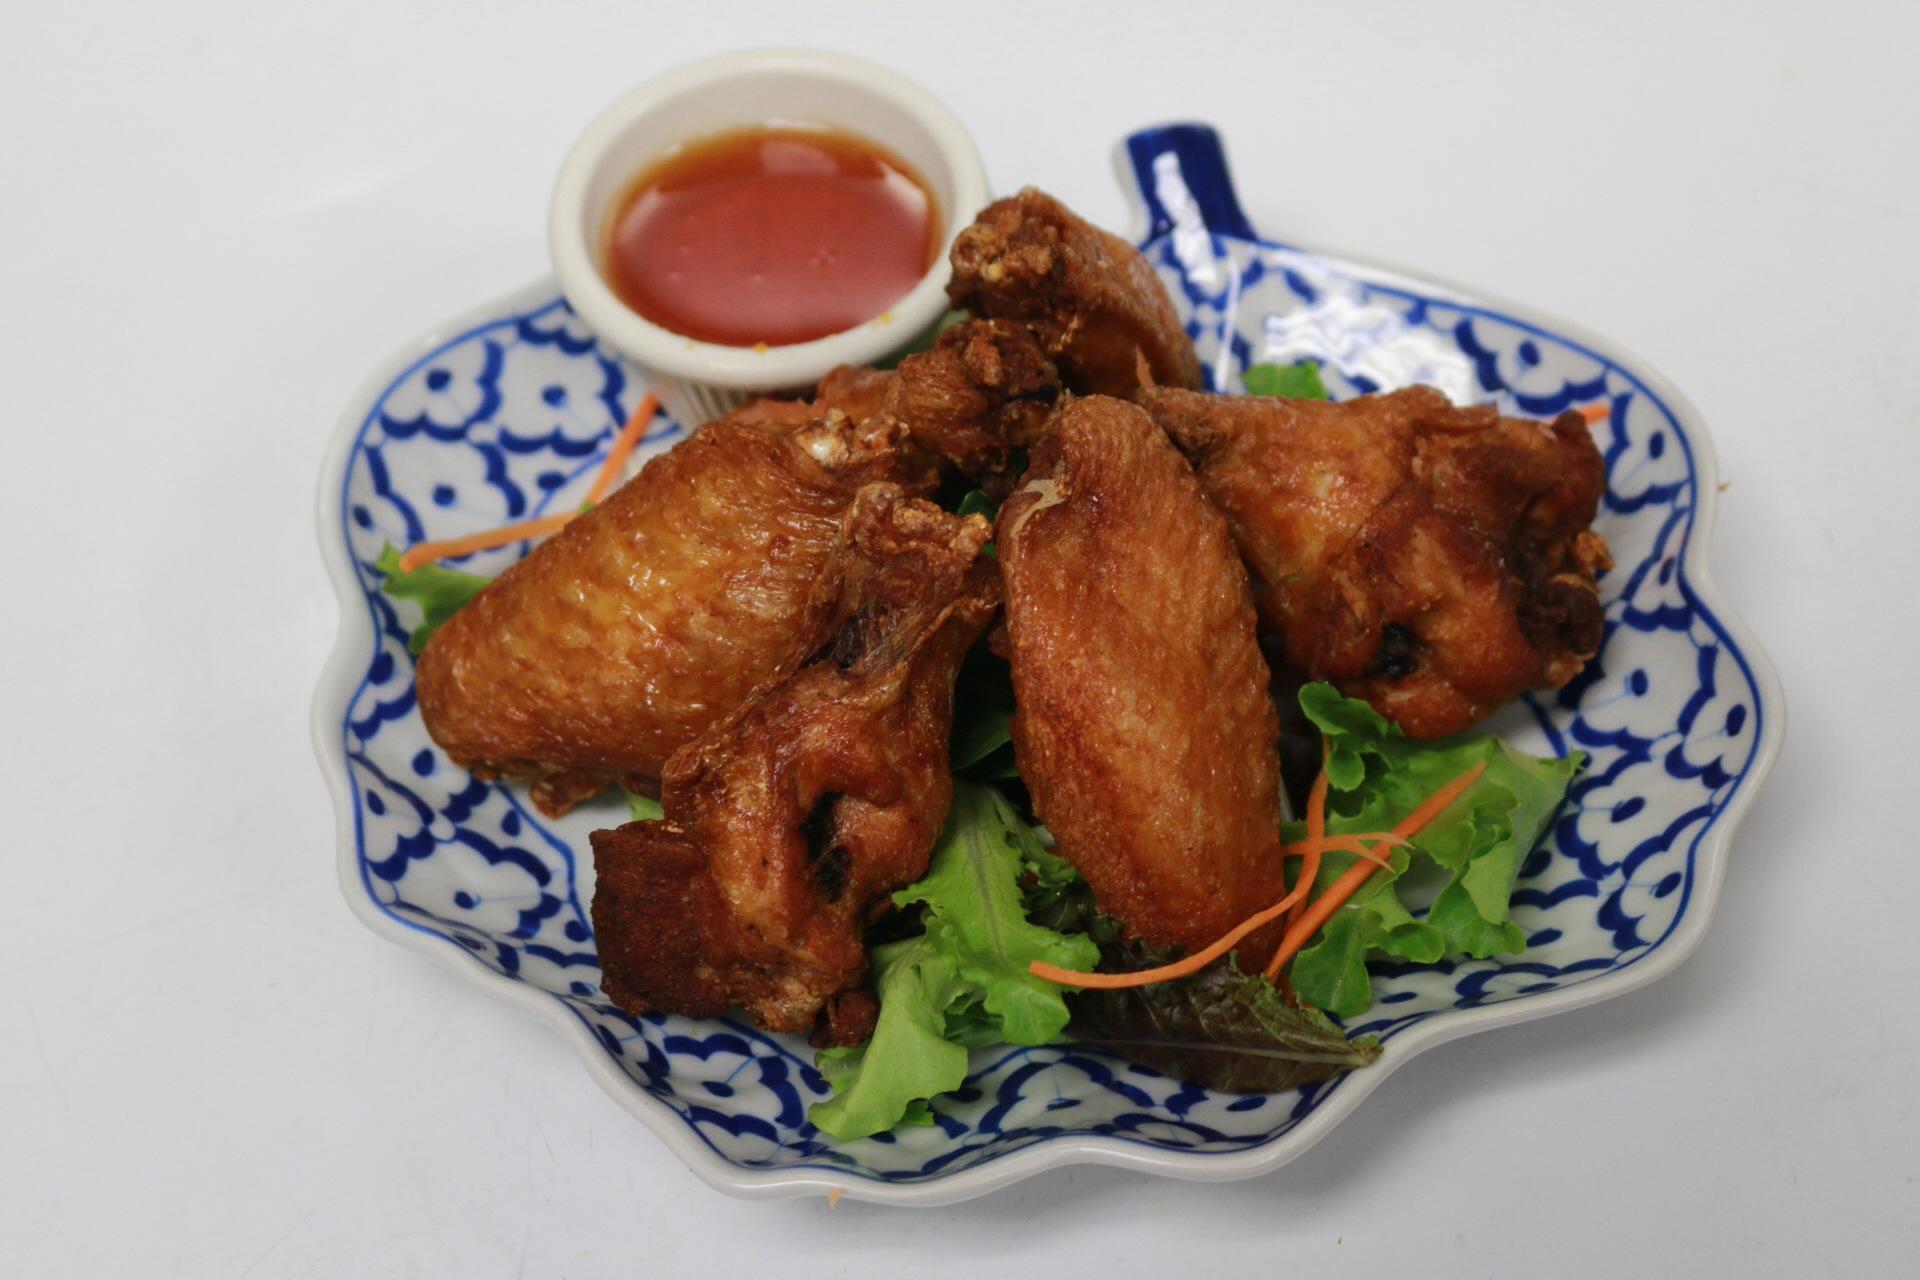 Ken's Thai Cuisine, Abington PA